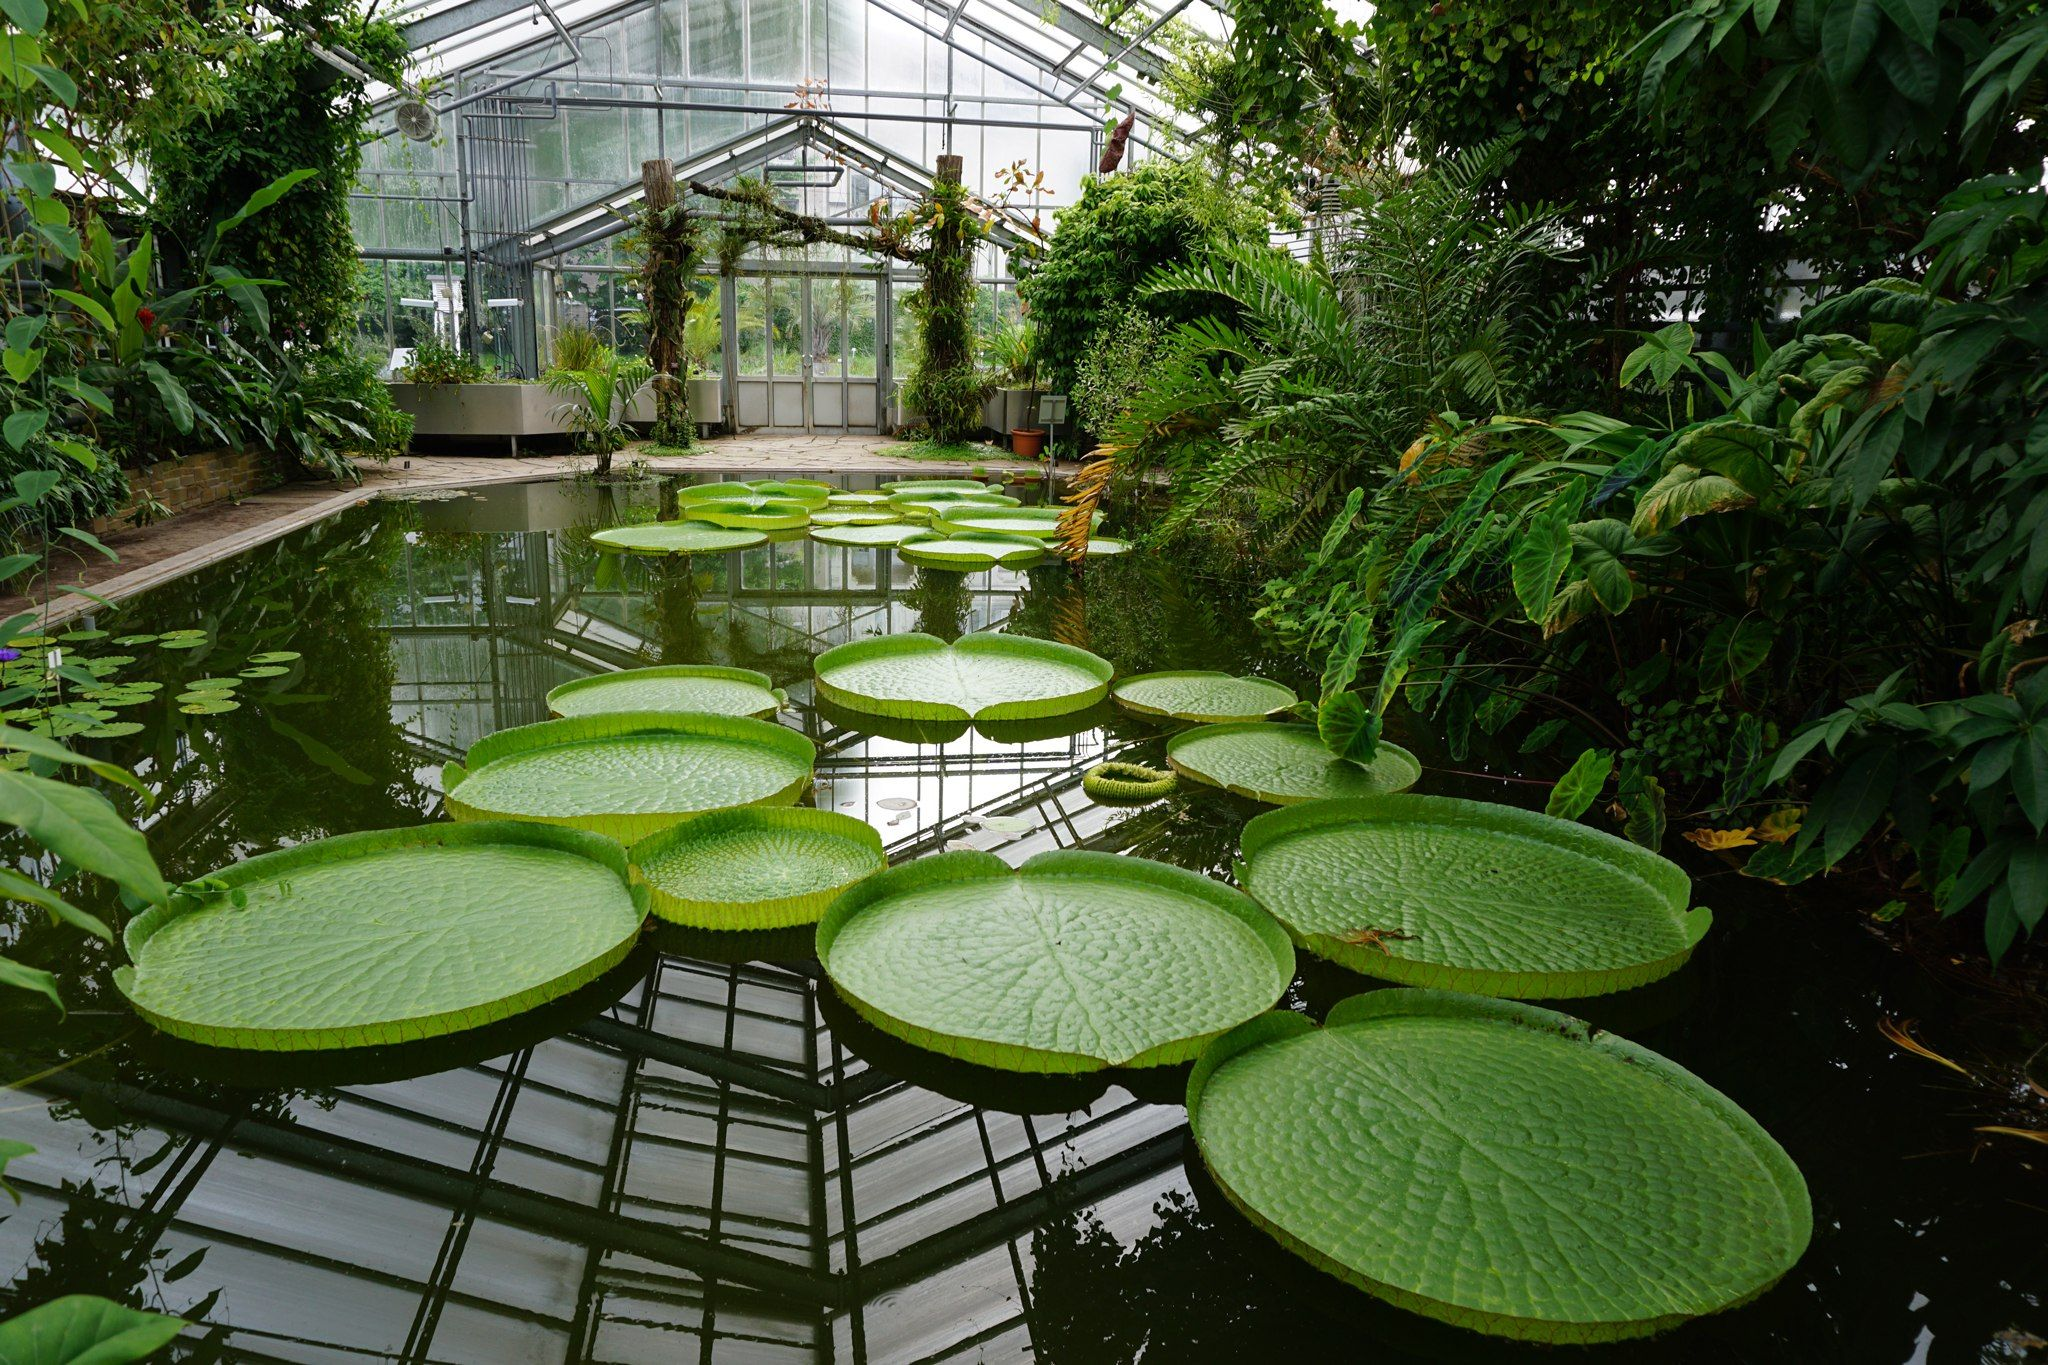 Schonster Botanischer Garten Nrw Designer Verwenden In Ihrem Eigenen Haus Von Botanischer Garten Nrw H Outdoor Decor Outdoor Furniture Sets Outdoor Furniture